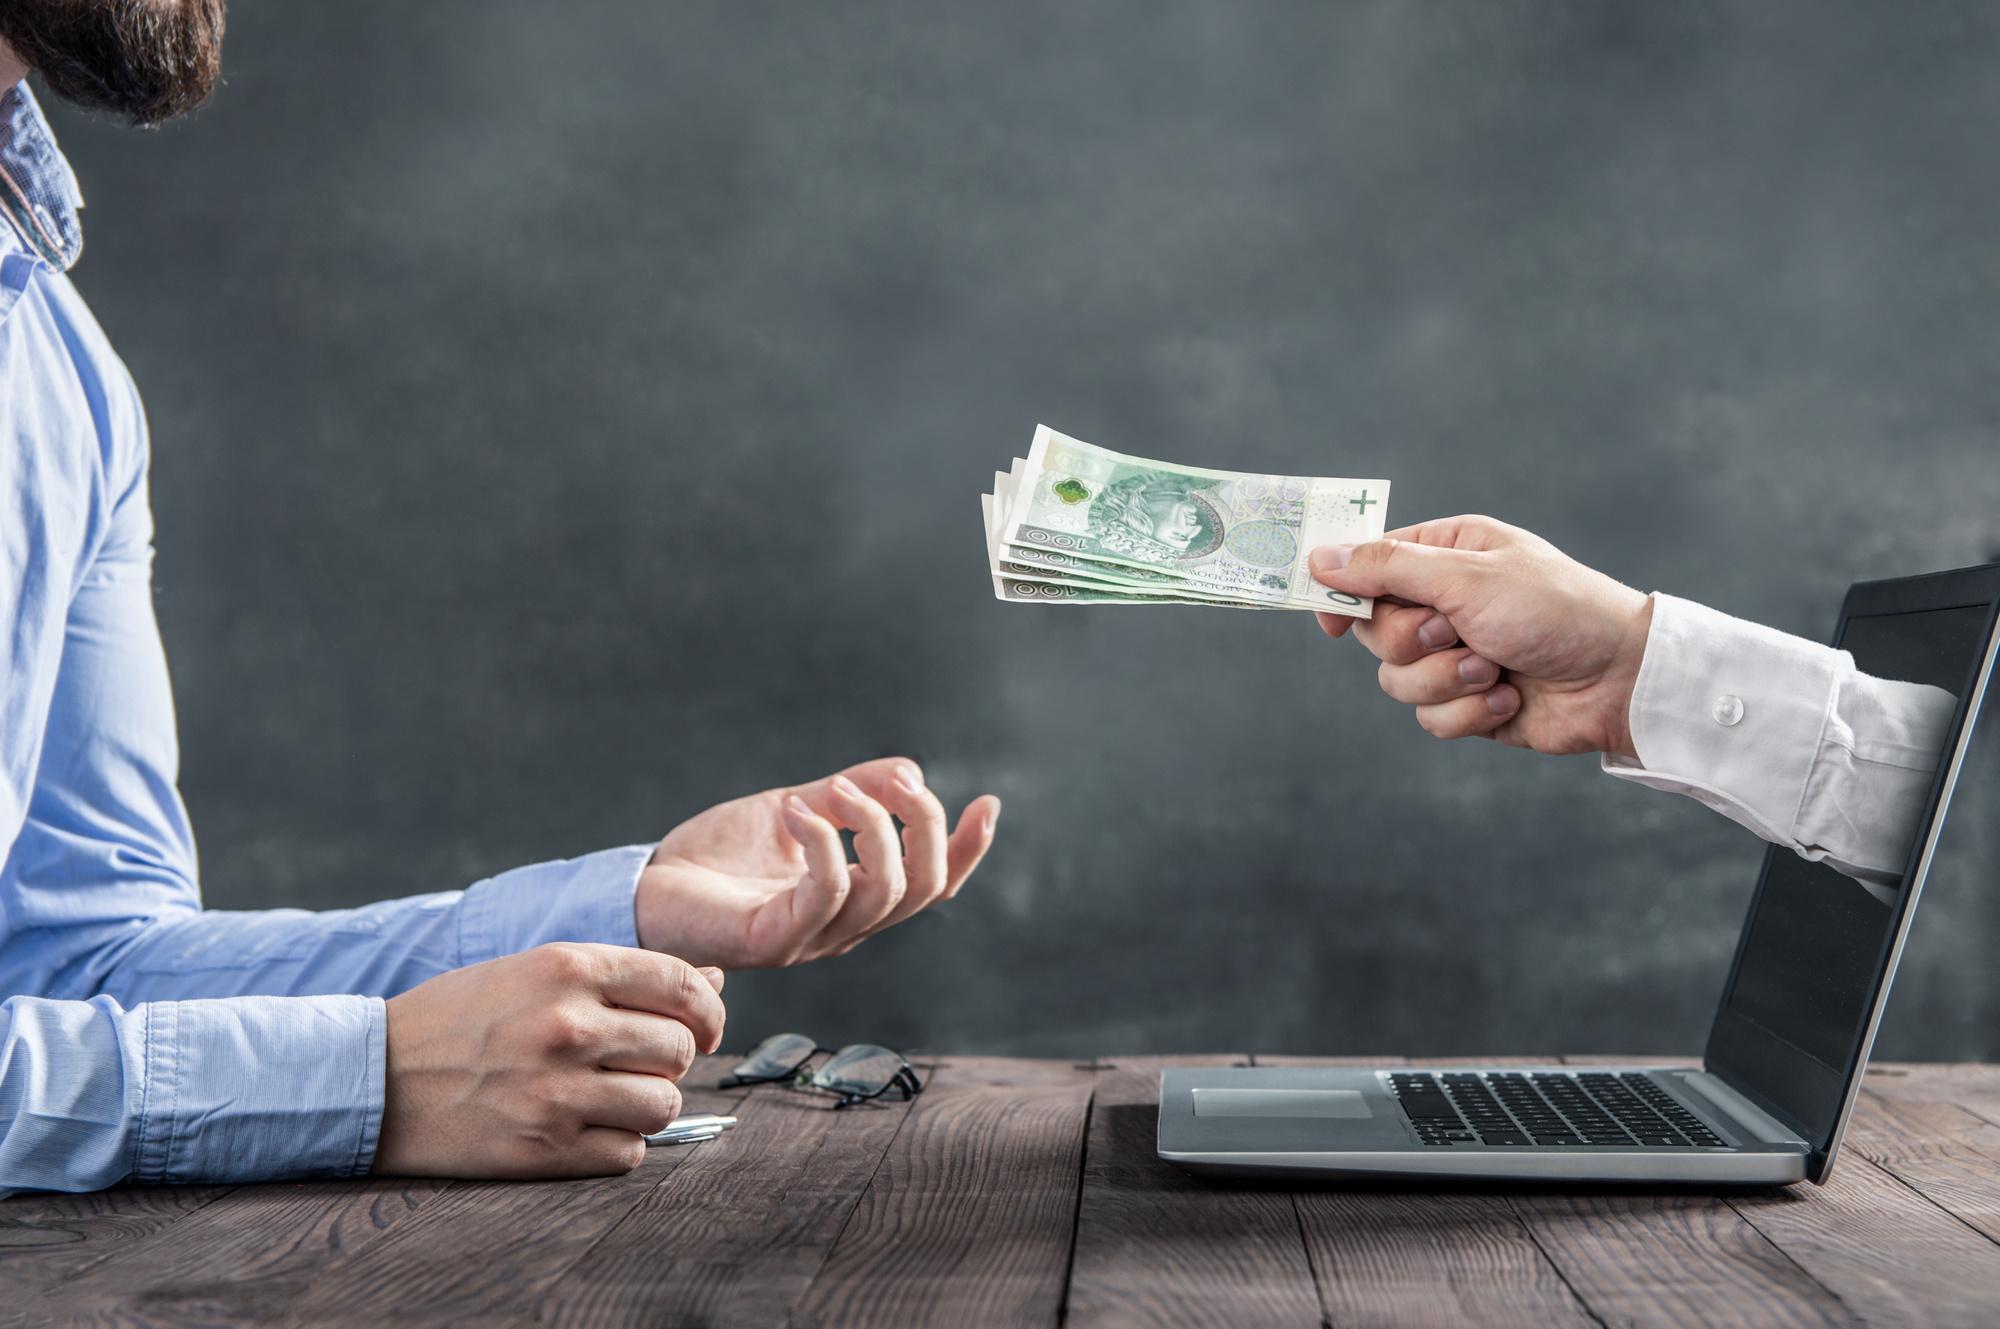 วิธีหาเงินออนไลน์-ยังไง-ที่จะช่วยให้อินเตอร์เน็ตของคุณ-มี่ประโยชน์มากขึ้น